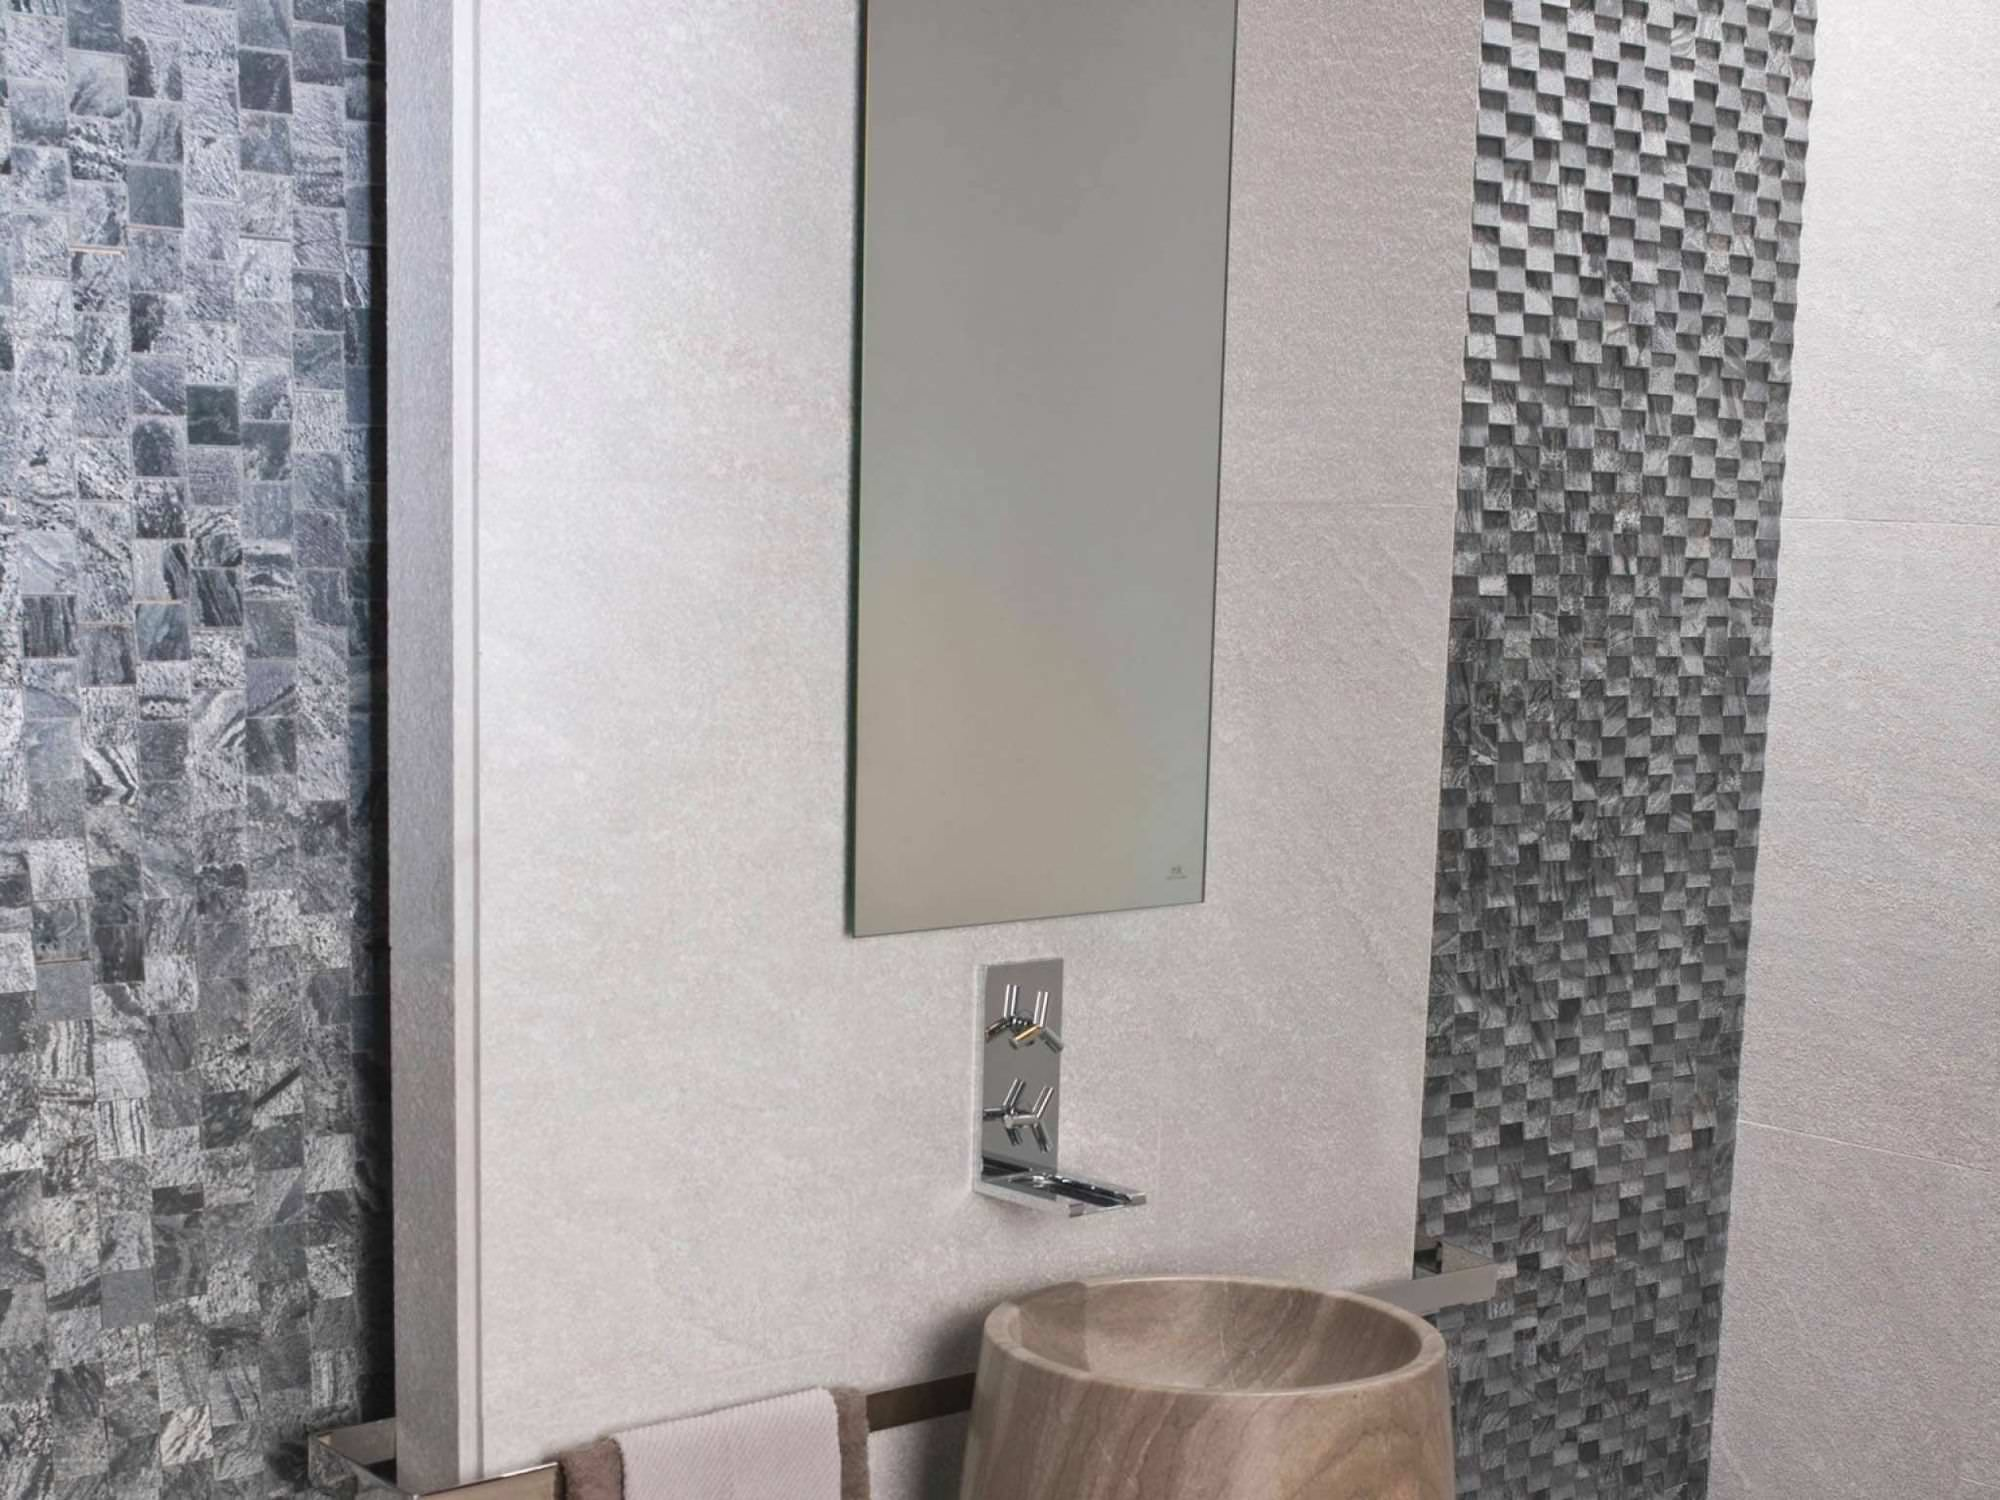 Innen Fliesen / Badezimmer / Für Wände / Quarzit   CHENNAI WHITE FLAMED HOME